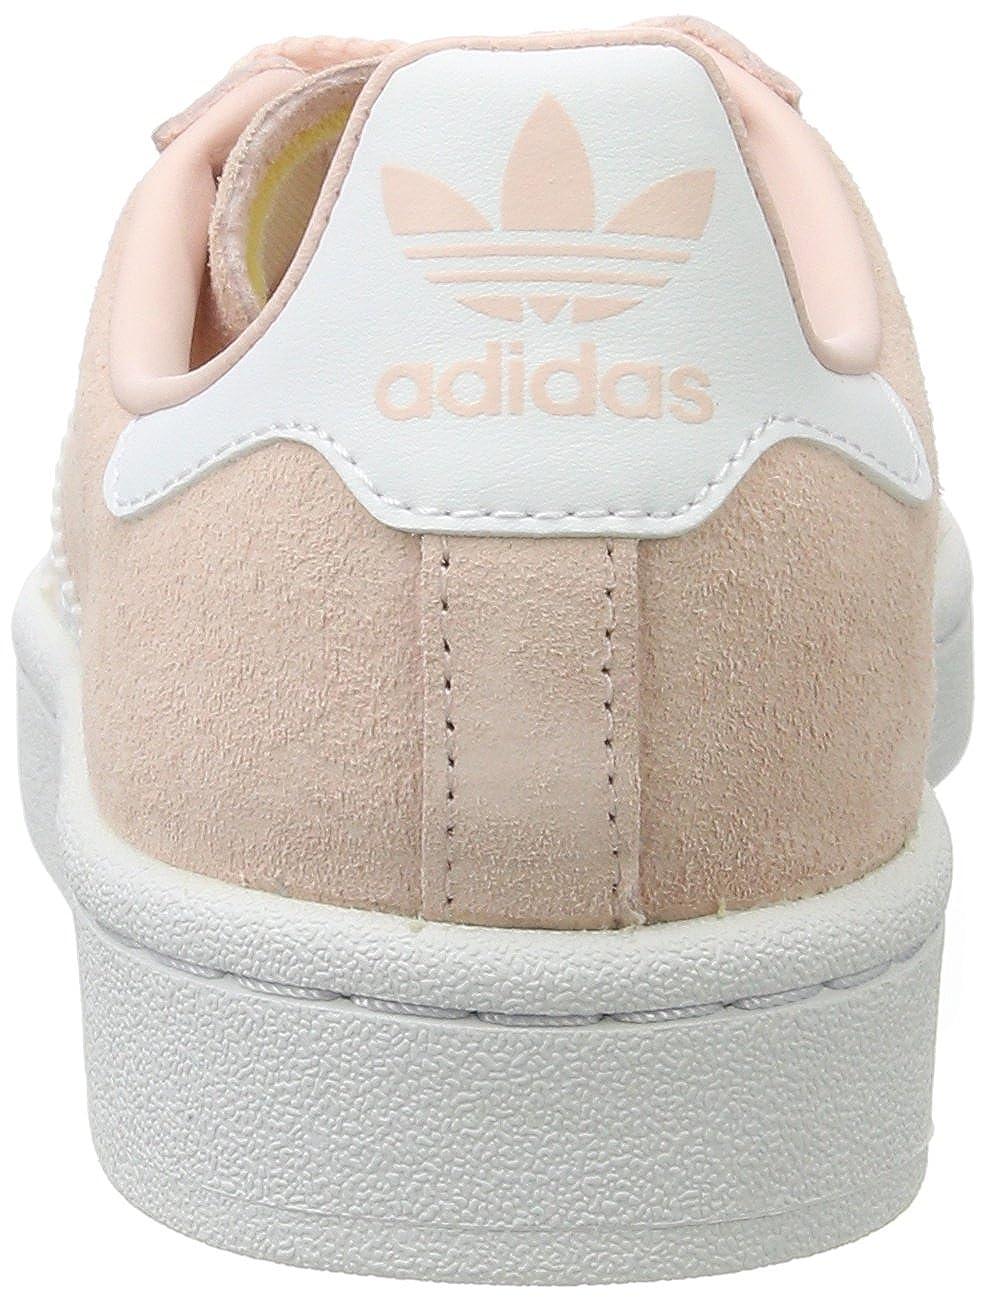 messieurs et mesdames enchères adidas   & eacute; formateurs enchères mesdames campus confortable, facile à utiliser, 729d3d